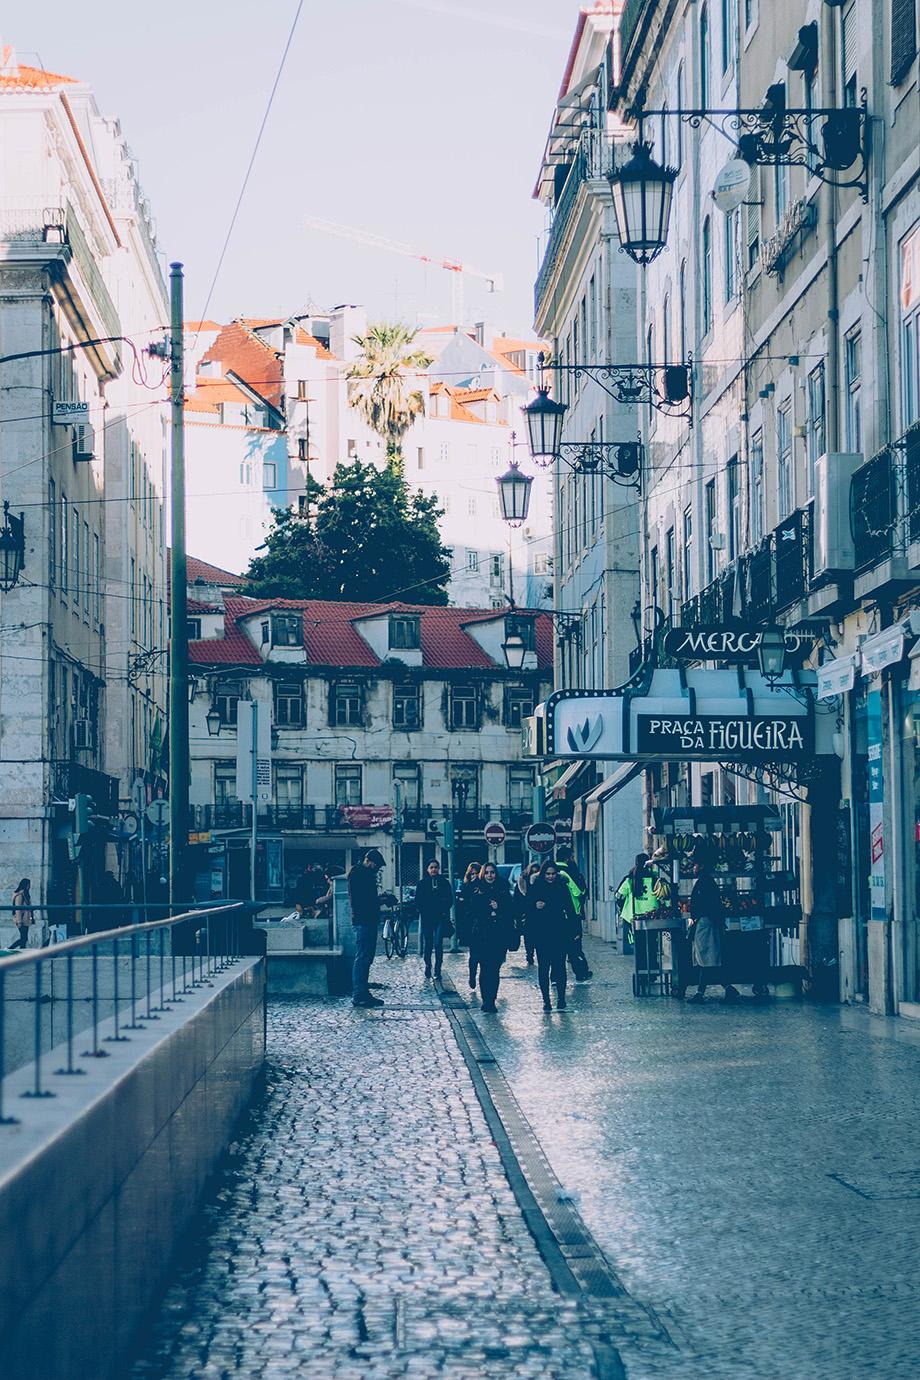 O que visitar em Lisboa - Praça da Figueira